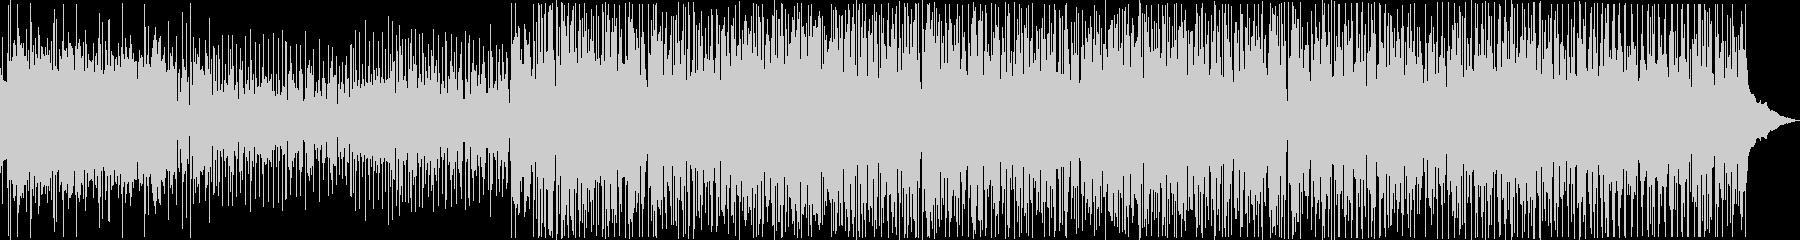 ゆったりしたおしゃれなボサノバBGMの未再生の波形